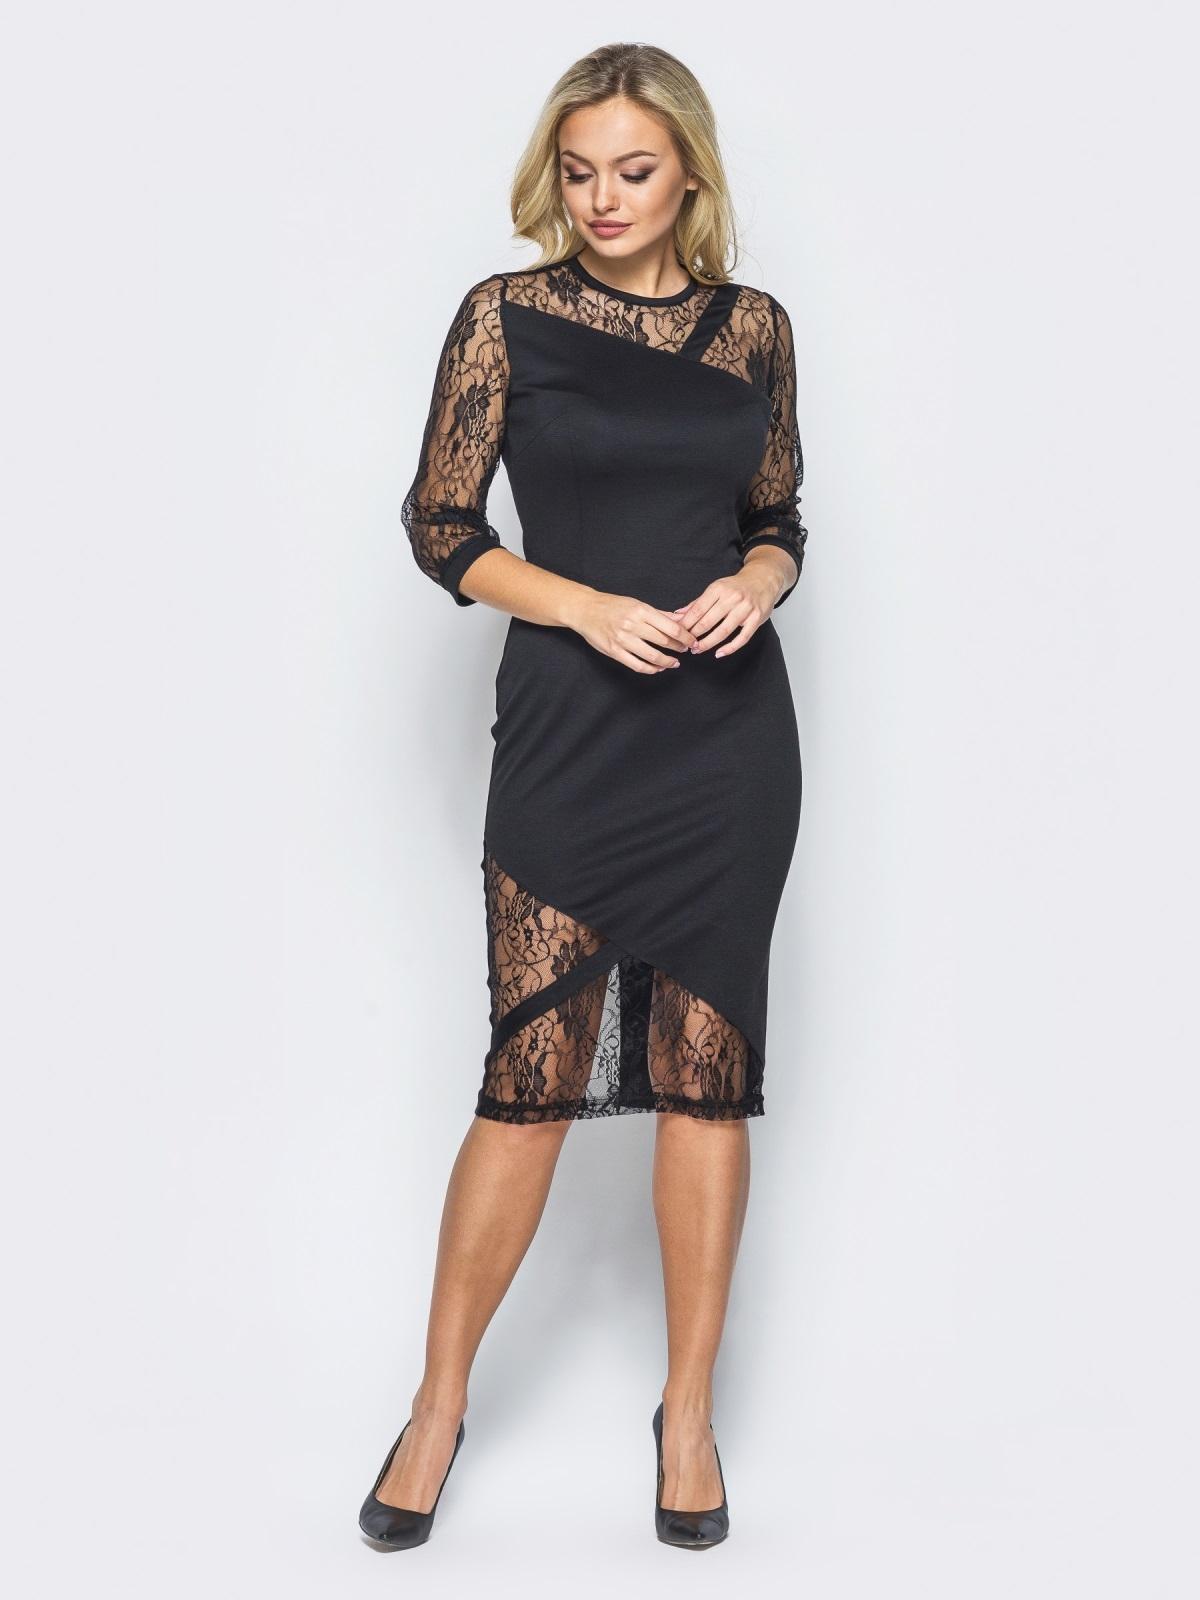 Черное трикотажное платье на молнии со вставками из гипюра - 16152, фото 1 – интернет-магазин Dressa